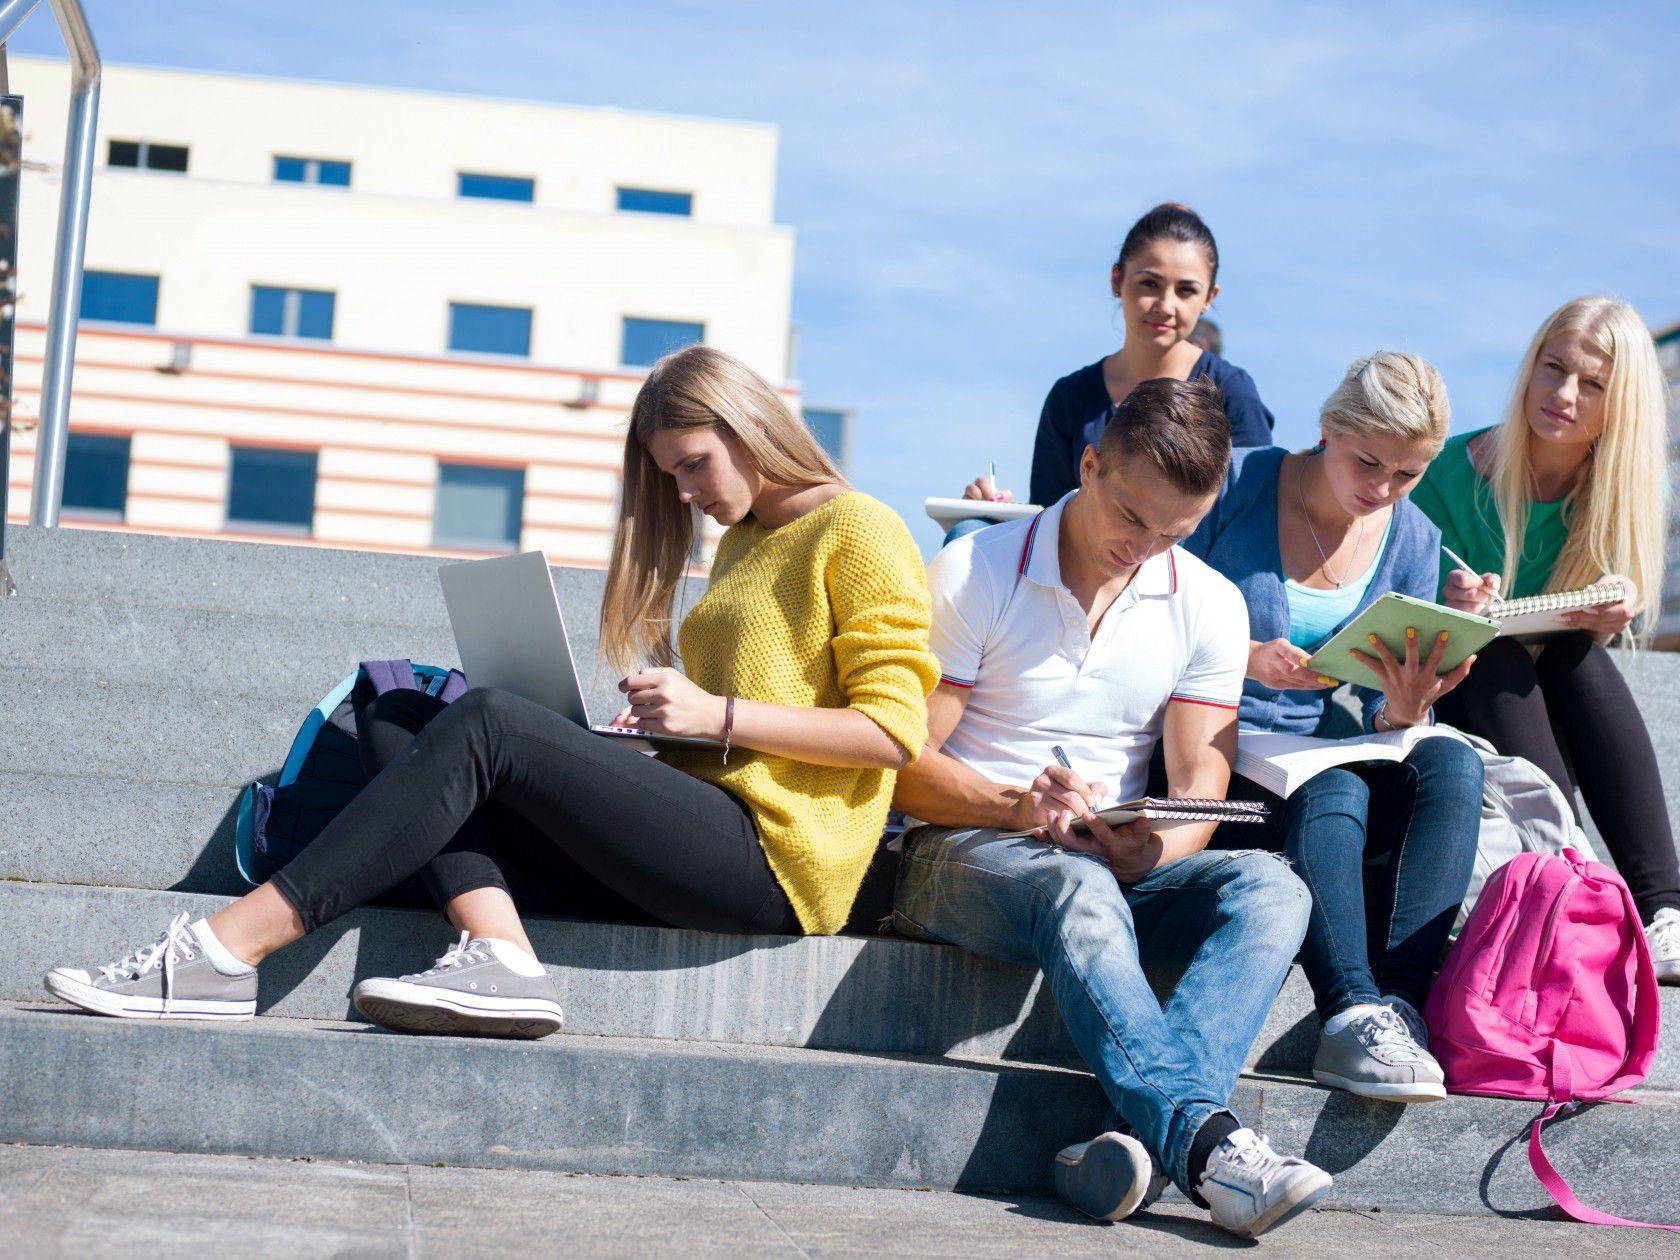 Hedef Odaklı Özel SSAT derslerinin avantajları